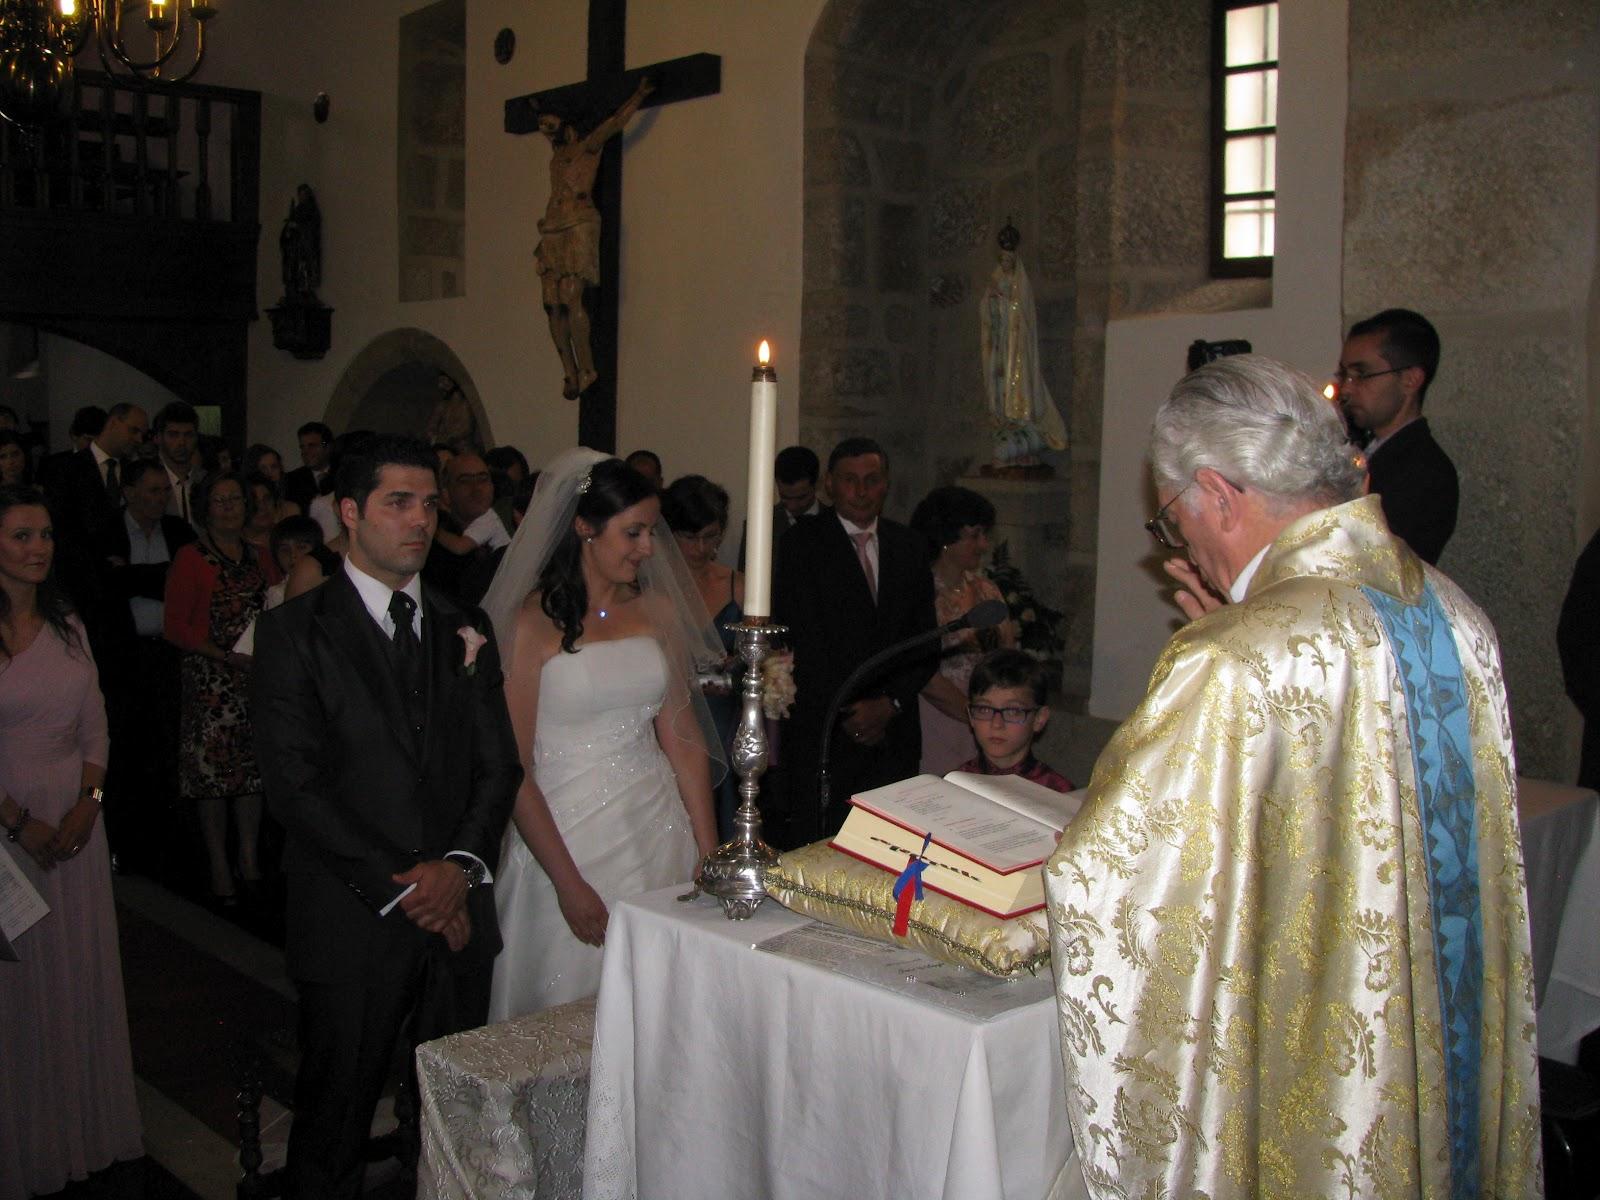 Sacramento Do Matrimonio Catolico : Paróquia de anreade celebração casamento católico